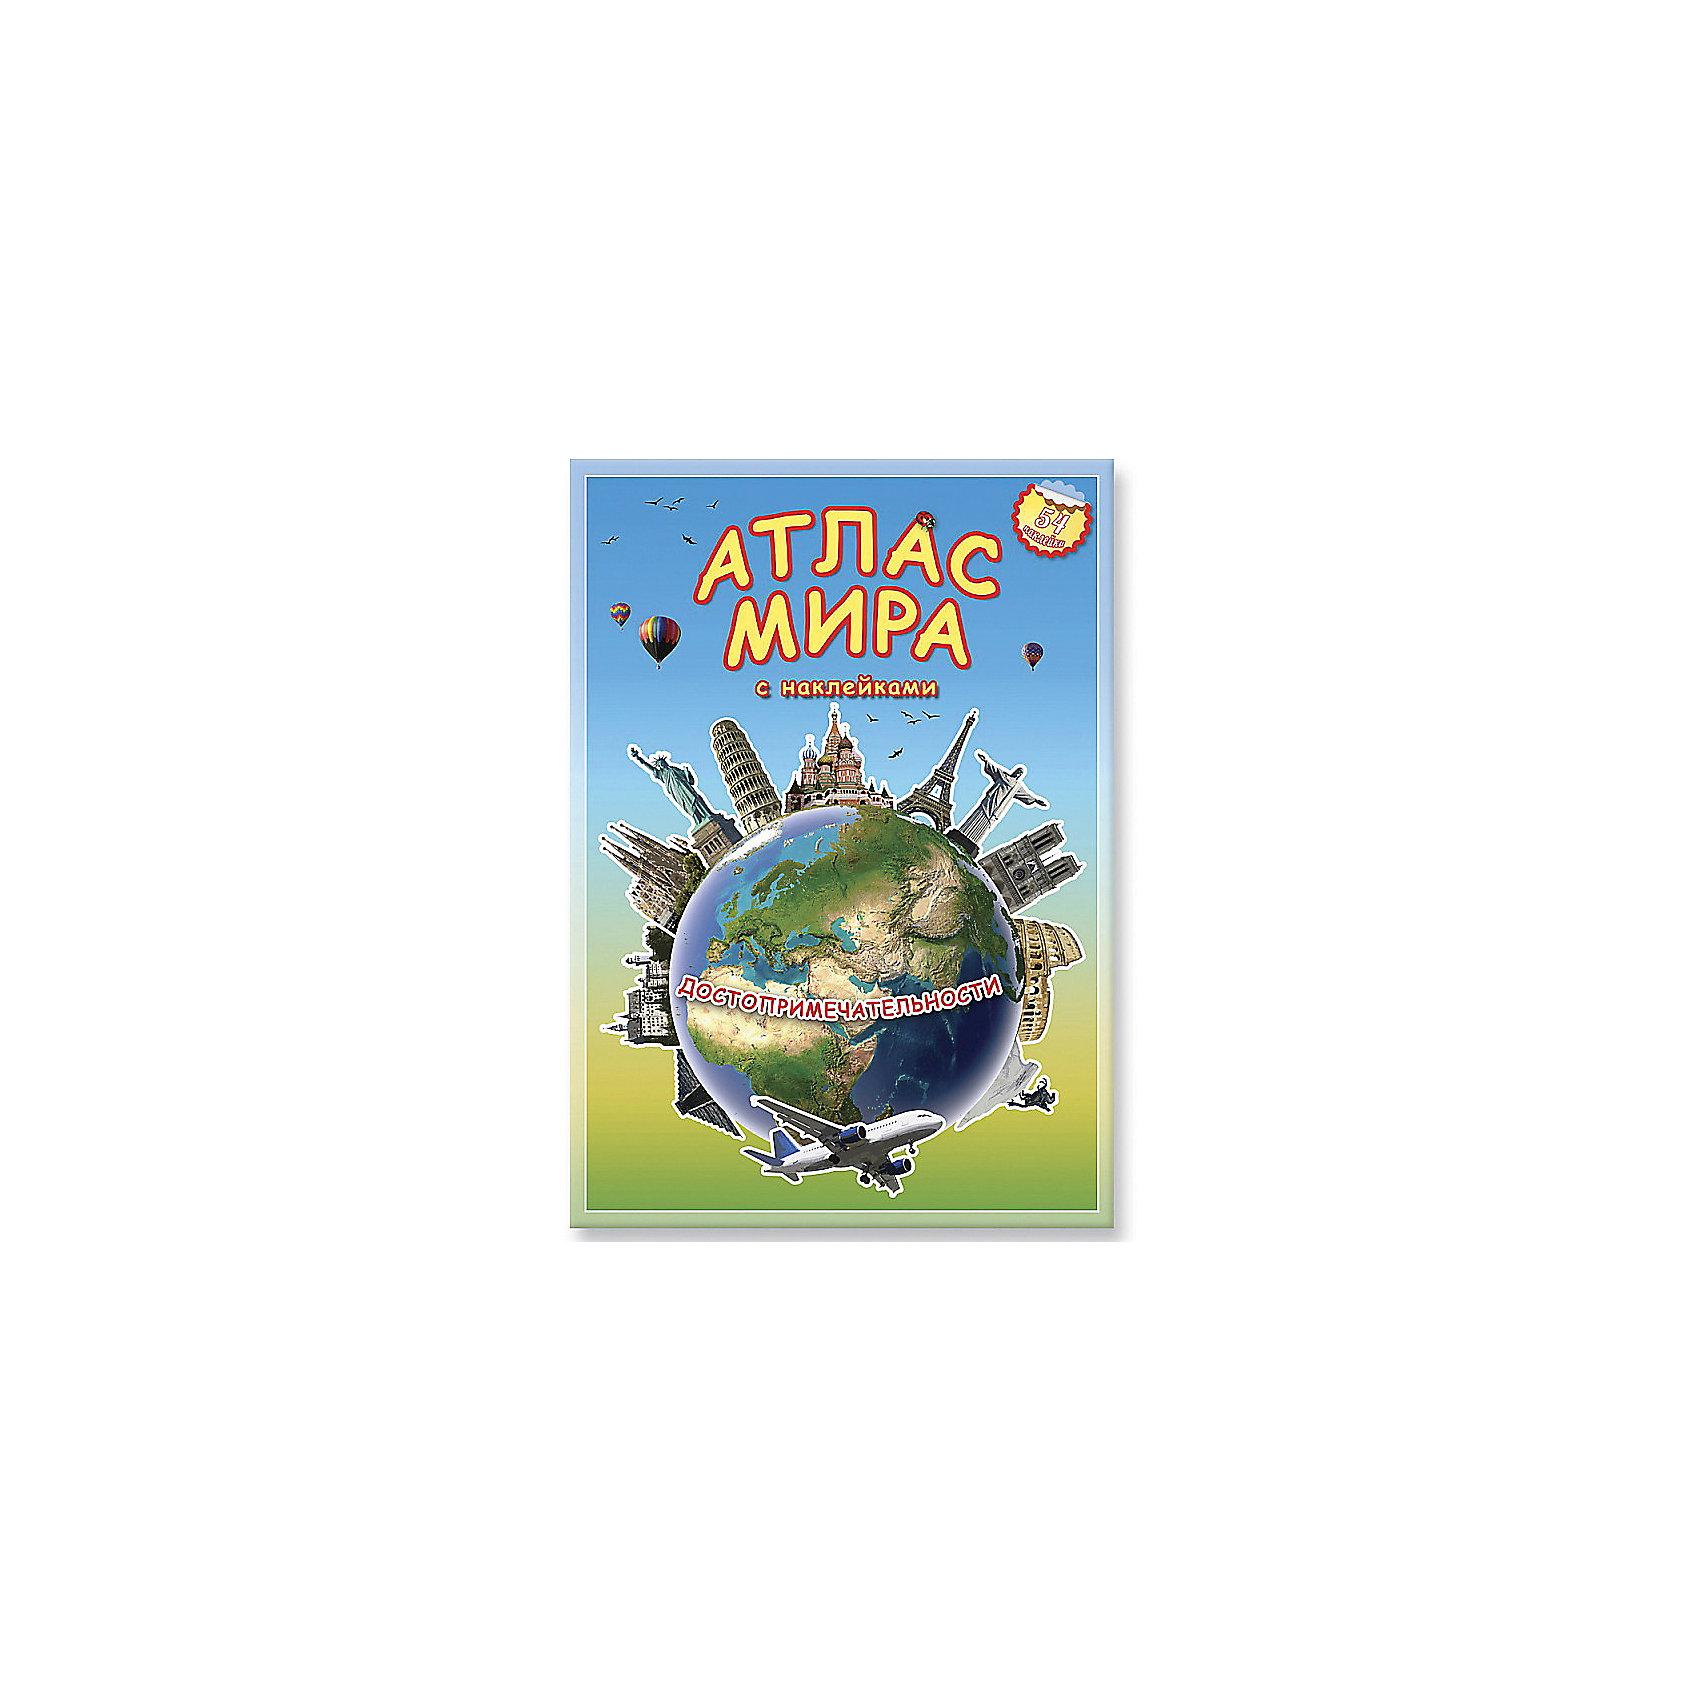 Атлас мира с наклейками ДостопримечательностиПлакаты и карты<br>Атлас мира с наклейками Достопримечательности. <br><br>Характеристика: <br><br>• Редактор: Псарева Наталья.<br>• Формат: 30х21,5 см. <br>• Количество страниц: 16. <br>• Иллюстрации: цветные.<br>• Переплет: мягкий.<br>• Яркие наклейки в комплекте (52 шт.)<br><br>Этот яркий атлас познакомит детей с различными достопримечательностями и памятниками архитектуры. Красочные достоверные иллюстрации и понятные тексты позволят ребенку в полной мере окунуться в мир гигантских монументов, статуй и памятников мирового наследия. Наклейки и кроссворд помогут закрепить полученные знания и сделают изучение мировой архитектуры увлекательным и интересным. <br><br>Атлас мира с наклейками Достопримечательности можно купить в нашем интернет-магазине.<br><br>Ширина мм: 297<br>Глубина мм: 210<br>Высота мм: 3<br>Вес г: 120<br>Возраст от месяцев: 72<br>Возраст до месяцев: 108<br>Пол: Унисекс<br>Возраст: Детский<br>SKU: 5422983